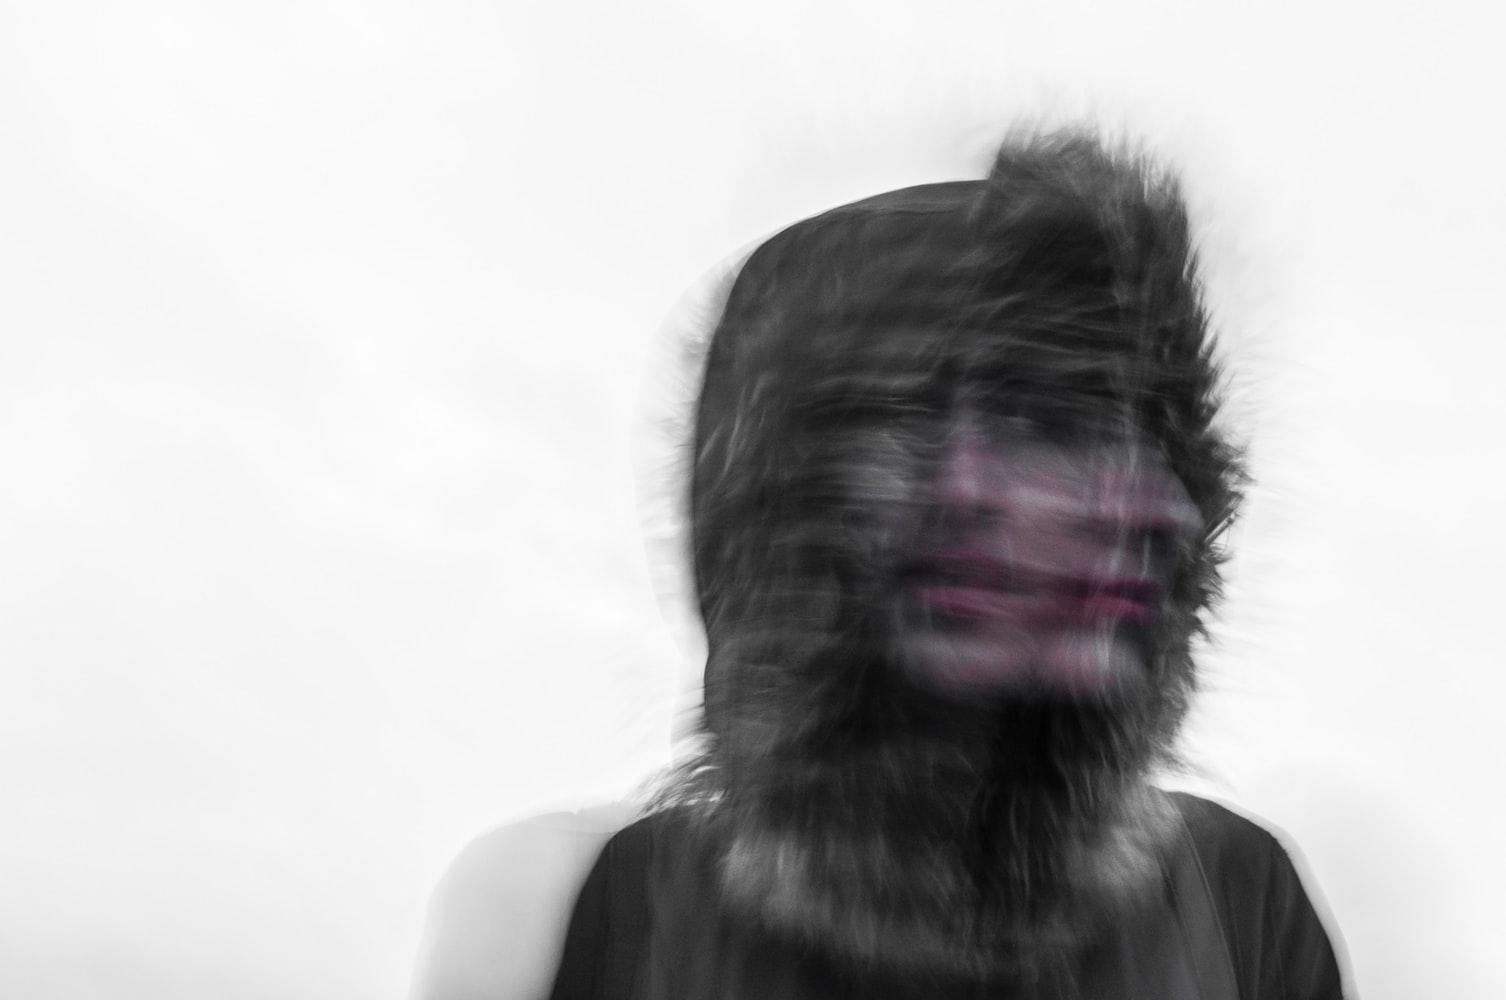 Le syndrome post hallucinatoire persistant: est-ce grave?